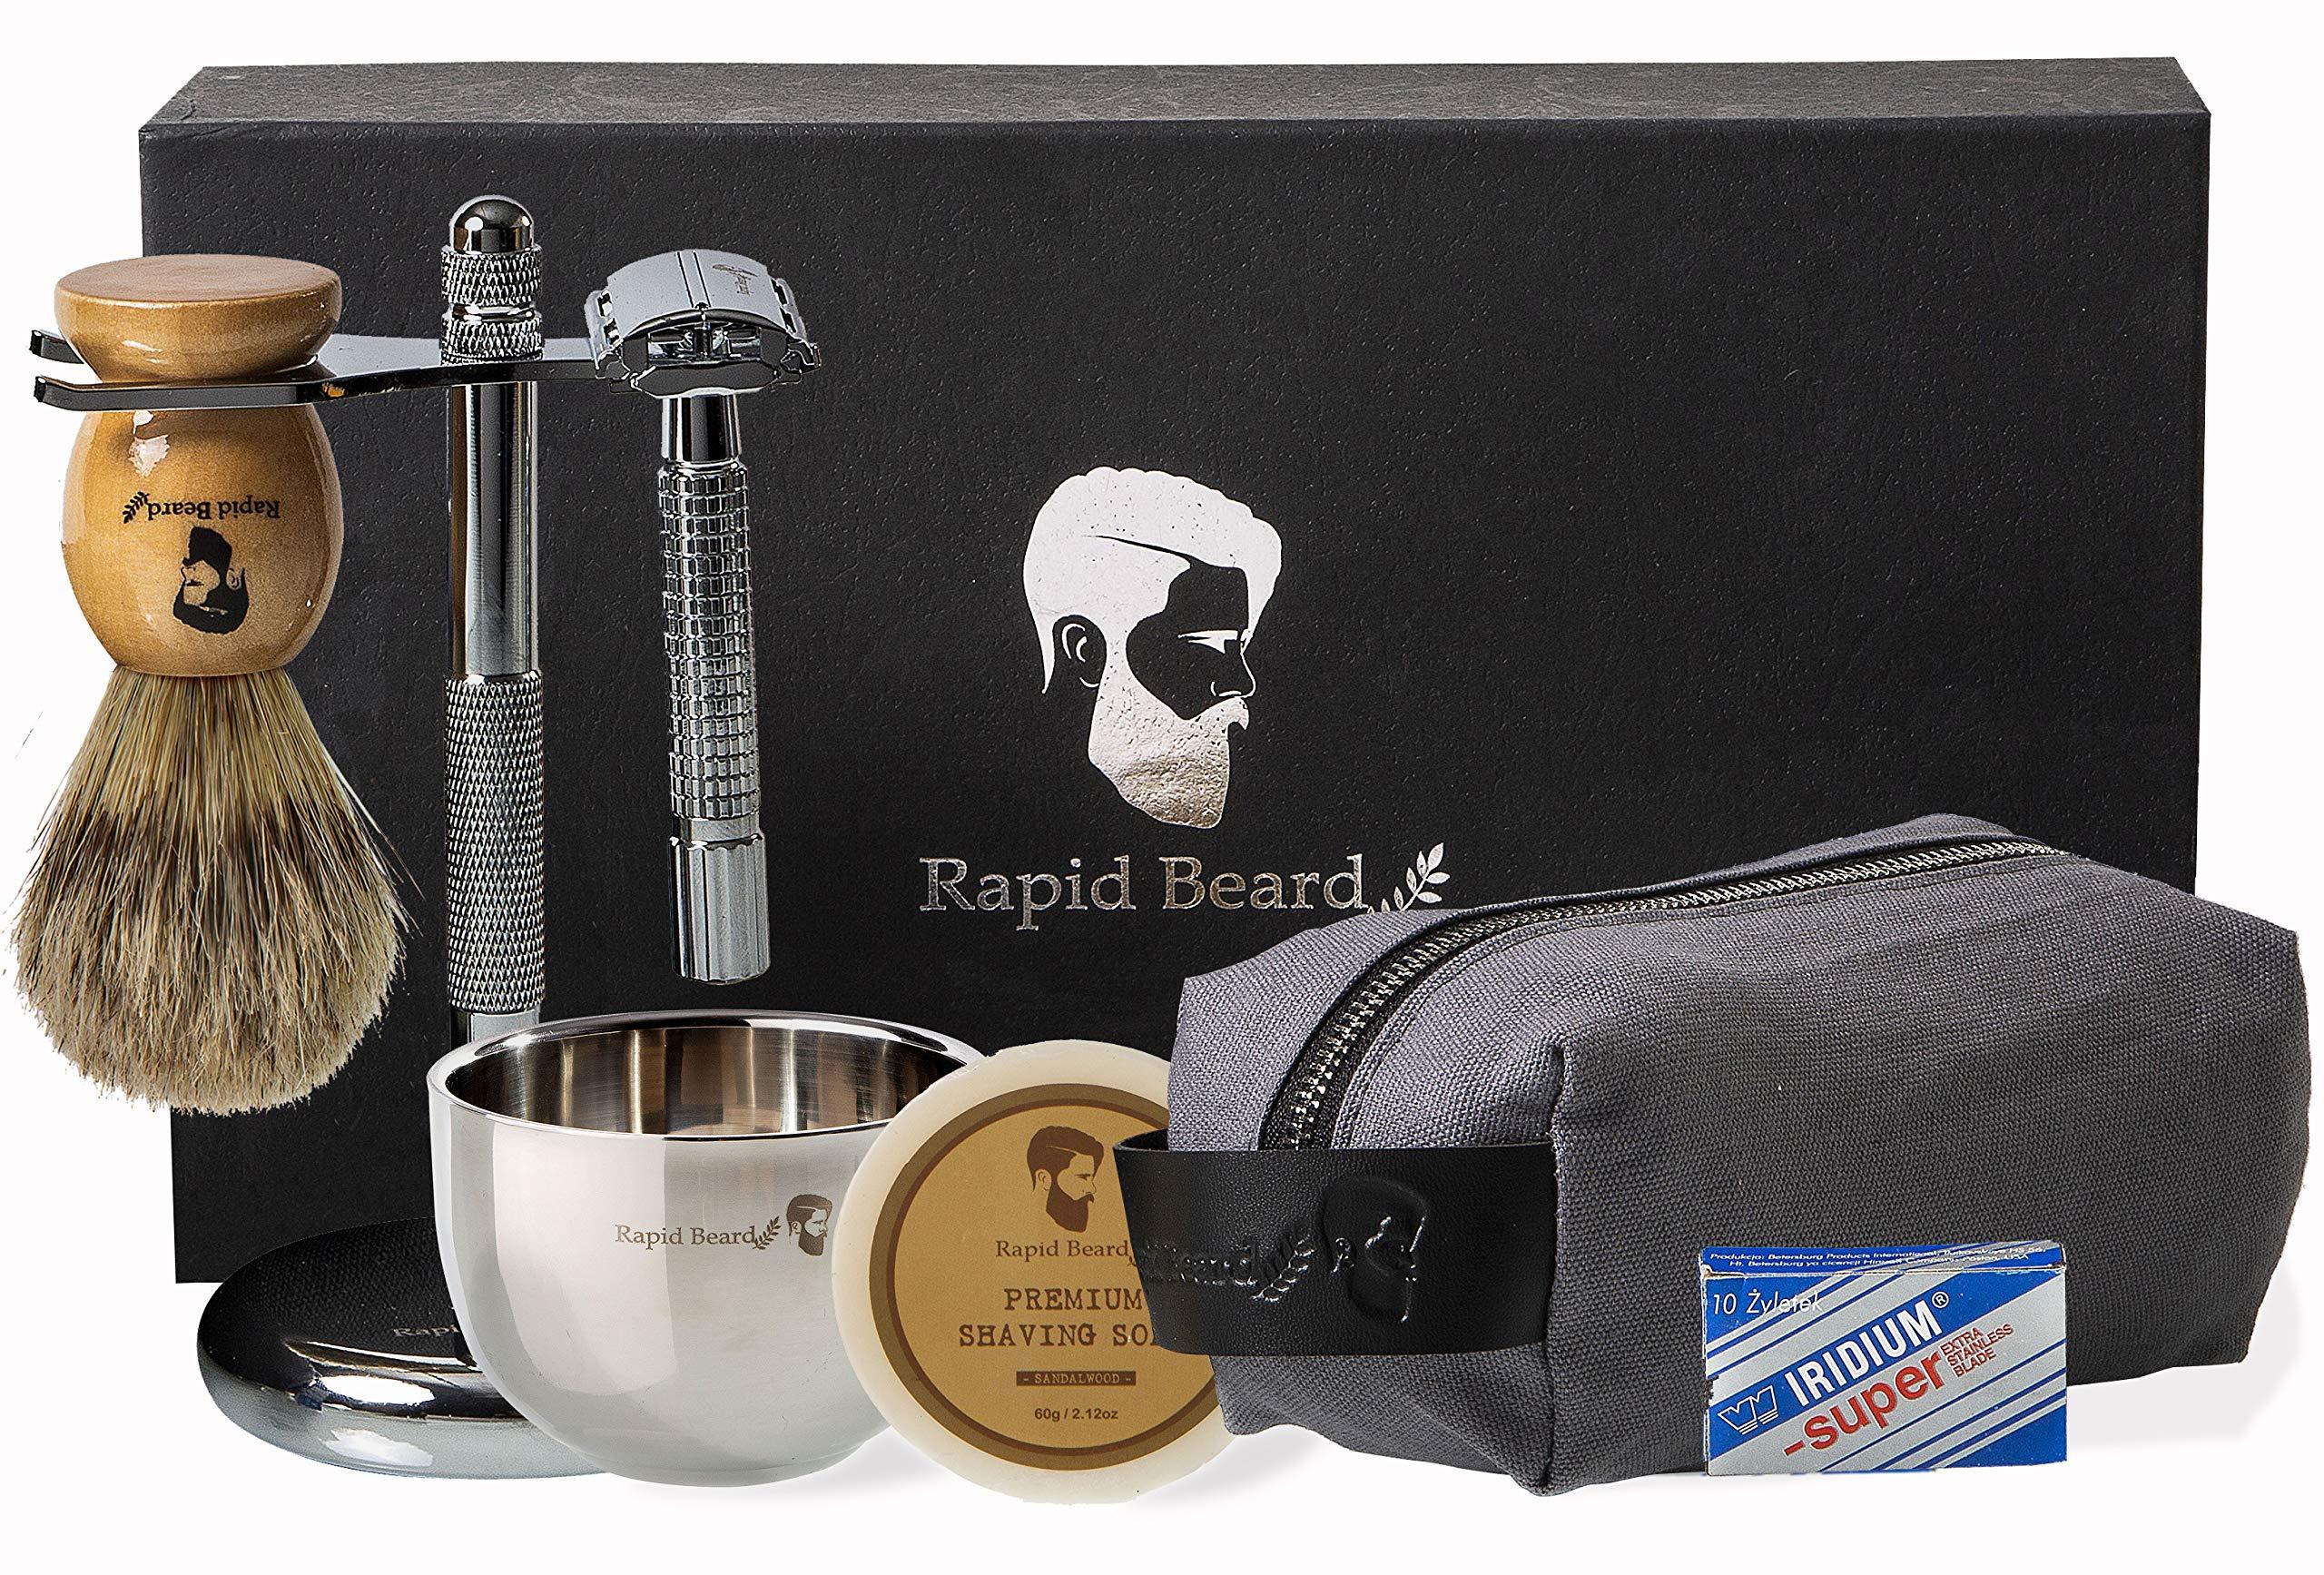 Shaving Kit for Men Wet Shave - Safety Razor with 10 blades, Shaving Badger Hair Brush, Sandalwood Shaving Soap Cream, Shaving Stand, Stainless Steel Bowl Mug, Canvas Dopp Kit - Gift Set